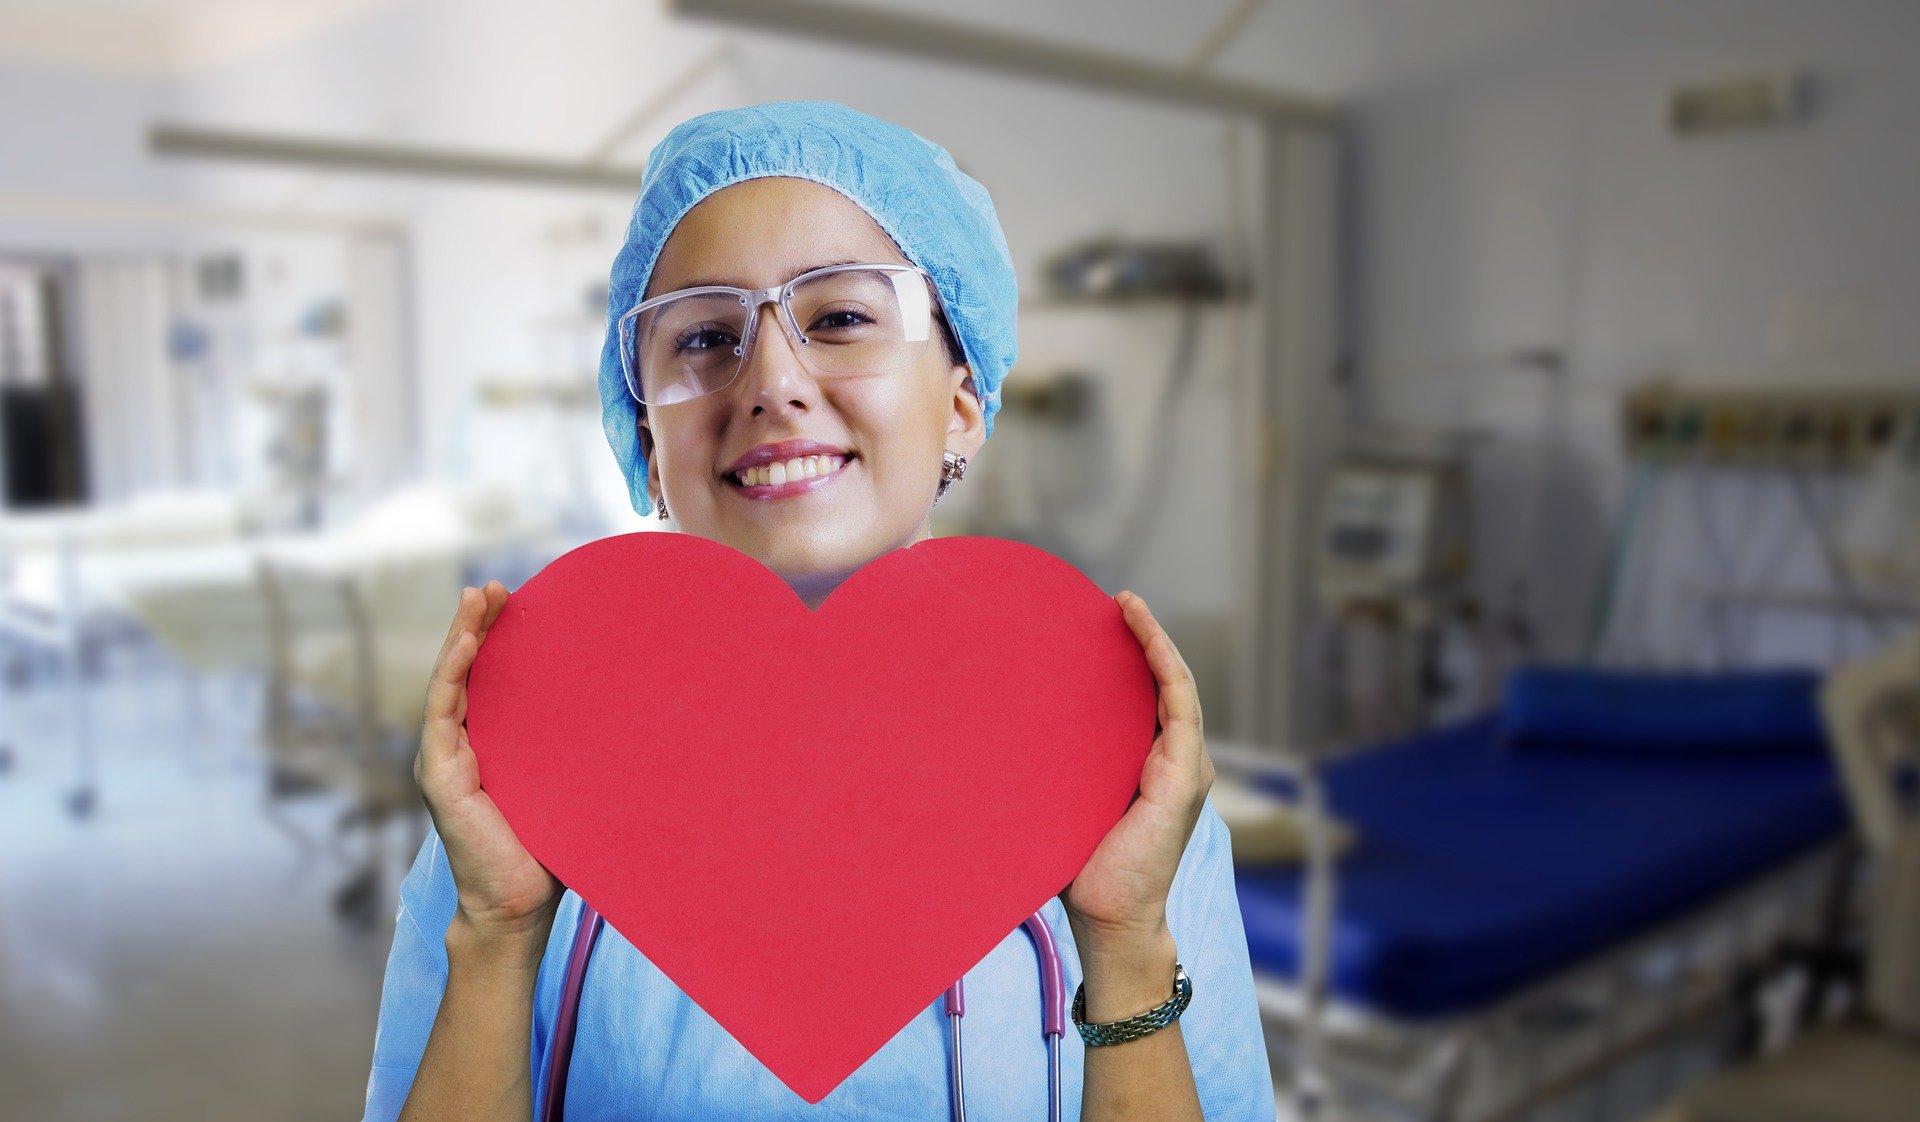 Aktuelles zur Herzmedizin - Vortrag im Rahmen der Herzwoche